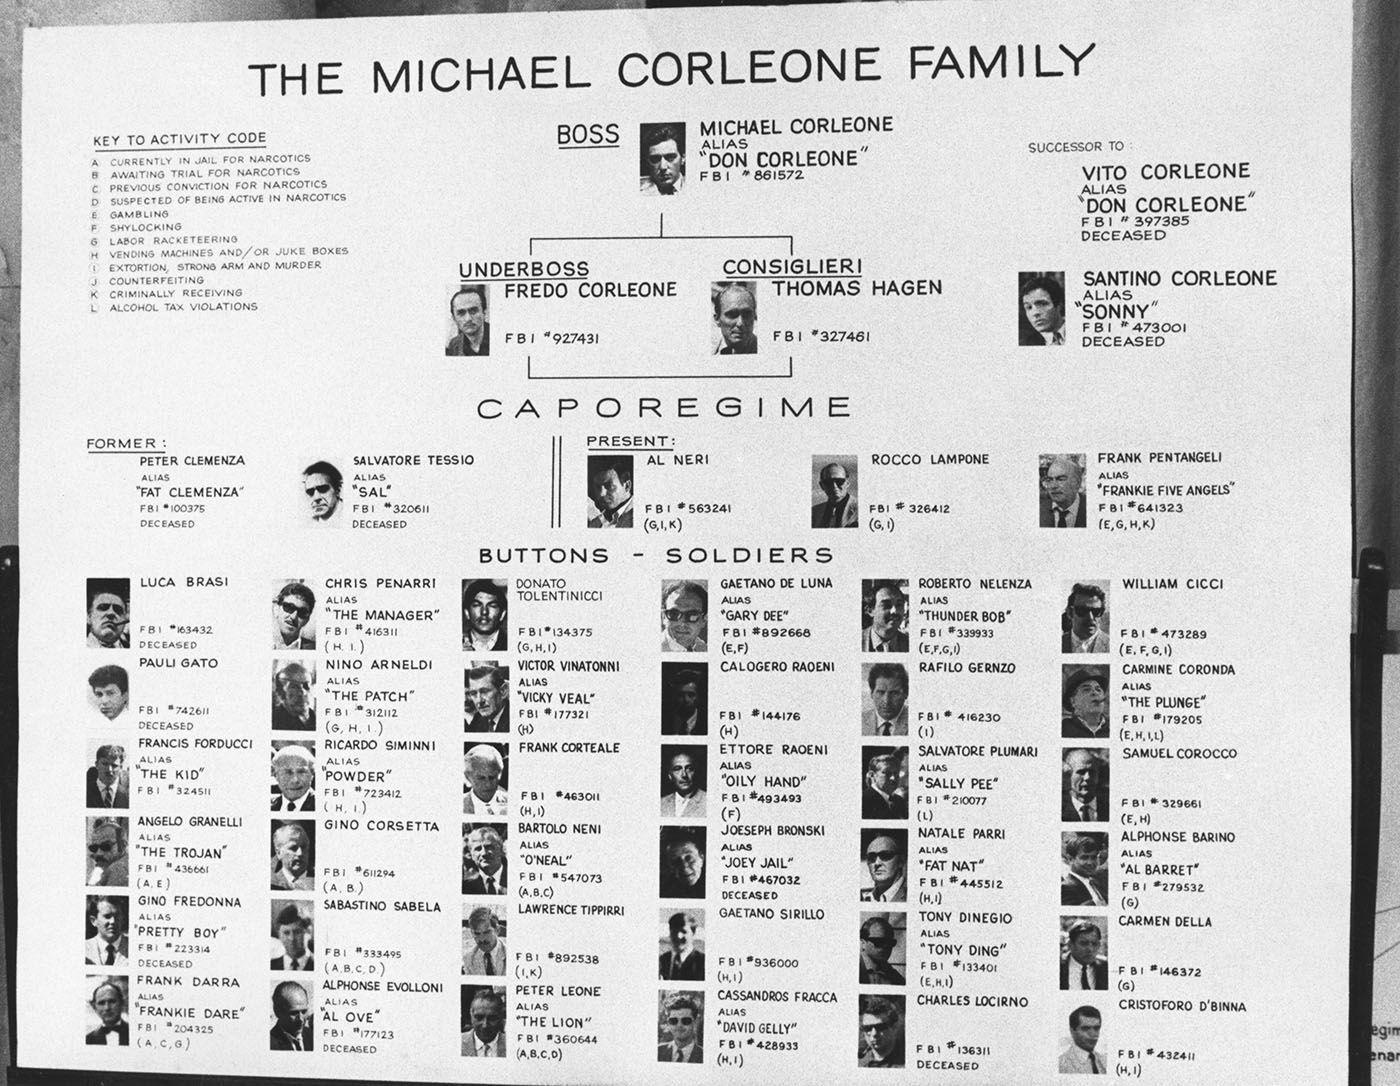 Familia corleone piratas truhanes mafiosos y otras rarezas explore corleone family crossword and more thecheapjerseys Gallery